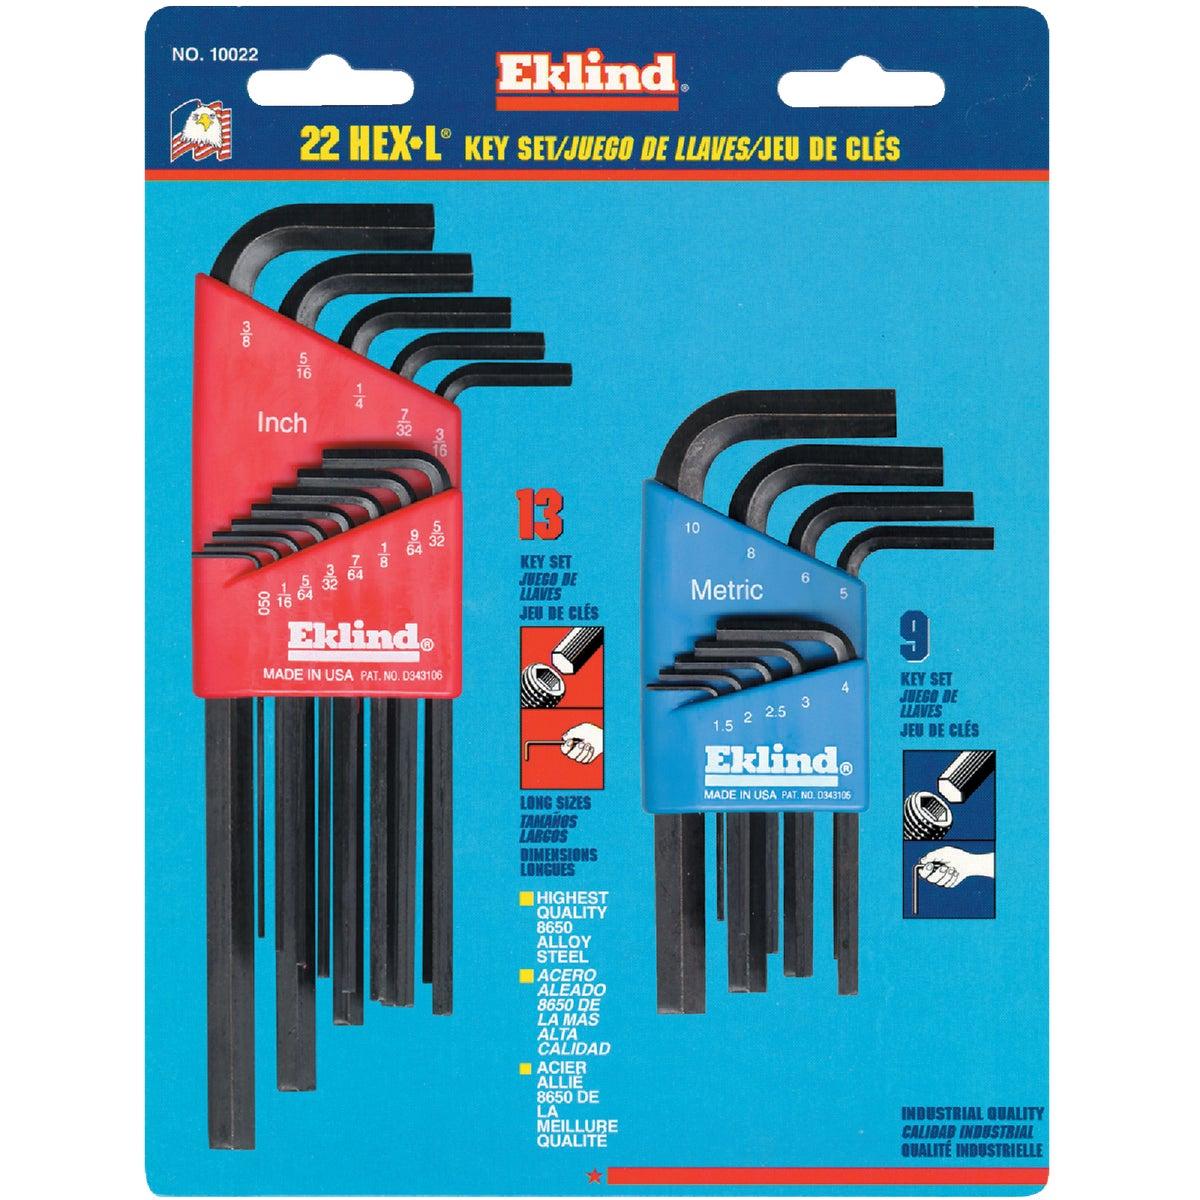 Eklind Tool 10022 Hex Keys Standard & Metric 22 Piece Set